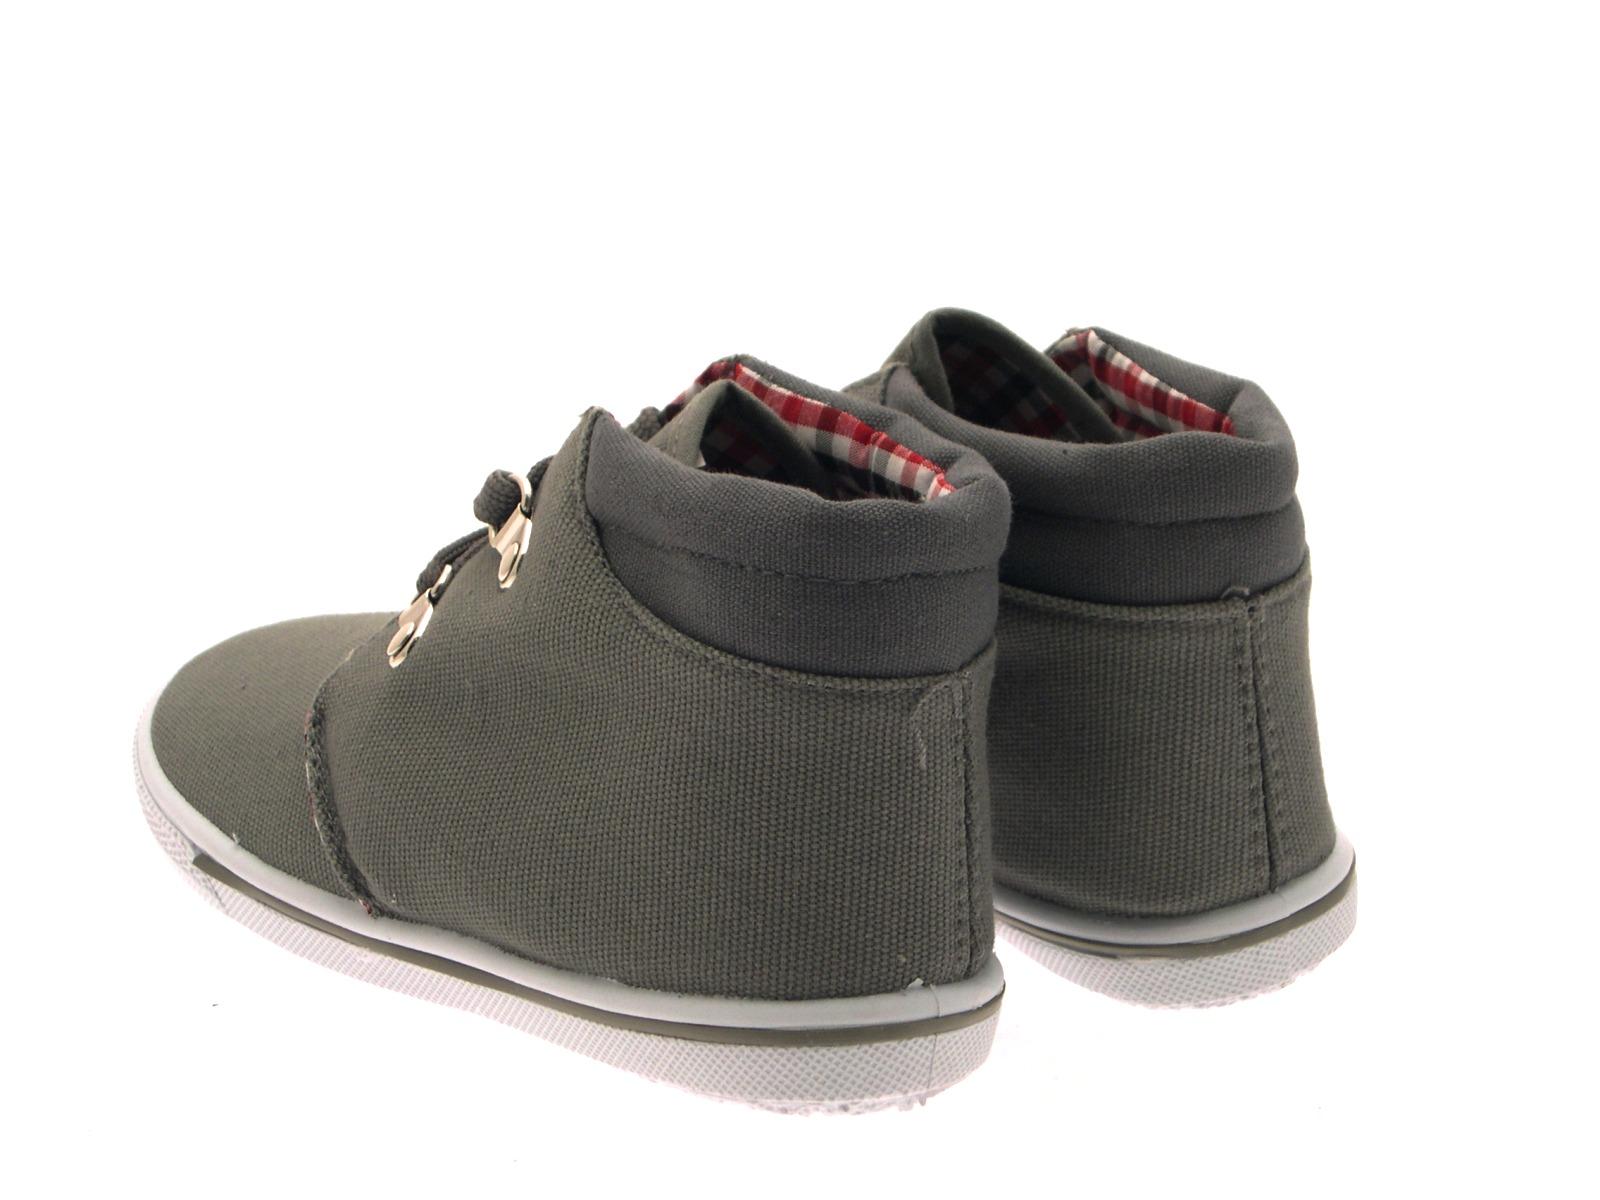 Kids Boys Canvas Pumps Hi Top Trainers Lace Boots Plimsoles Shoes Size UK 4-12 | EBay